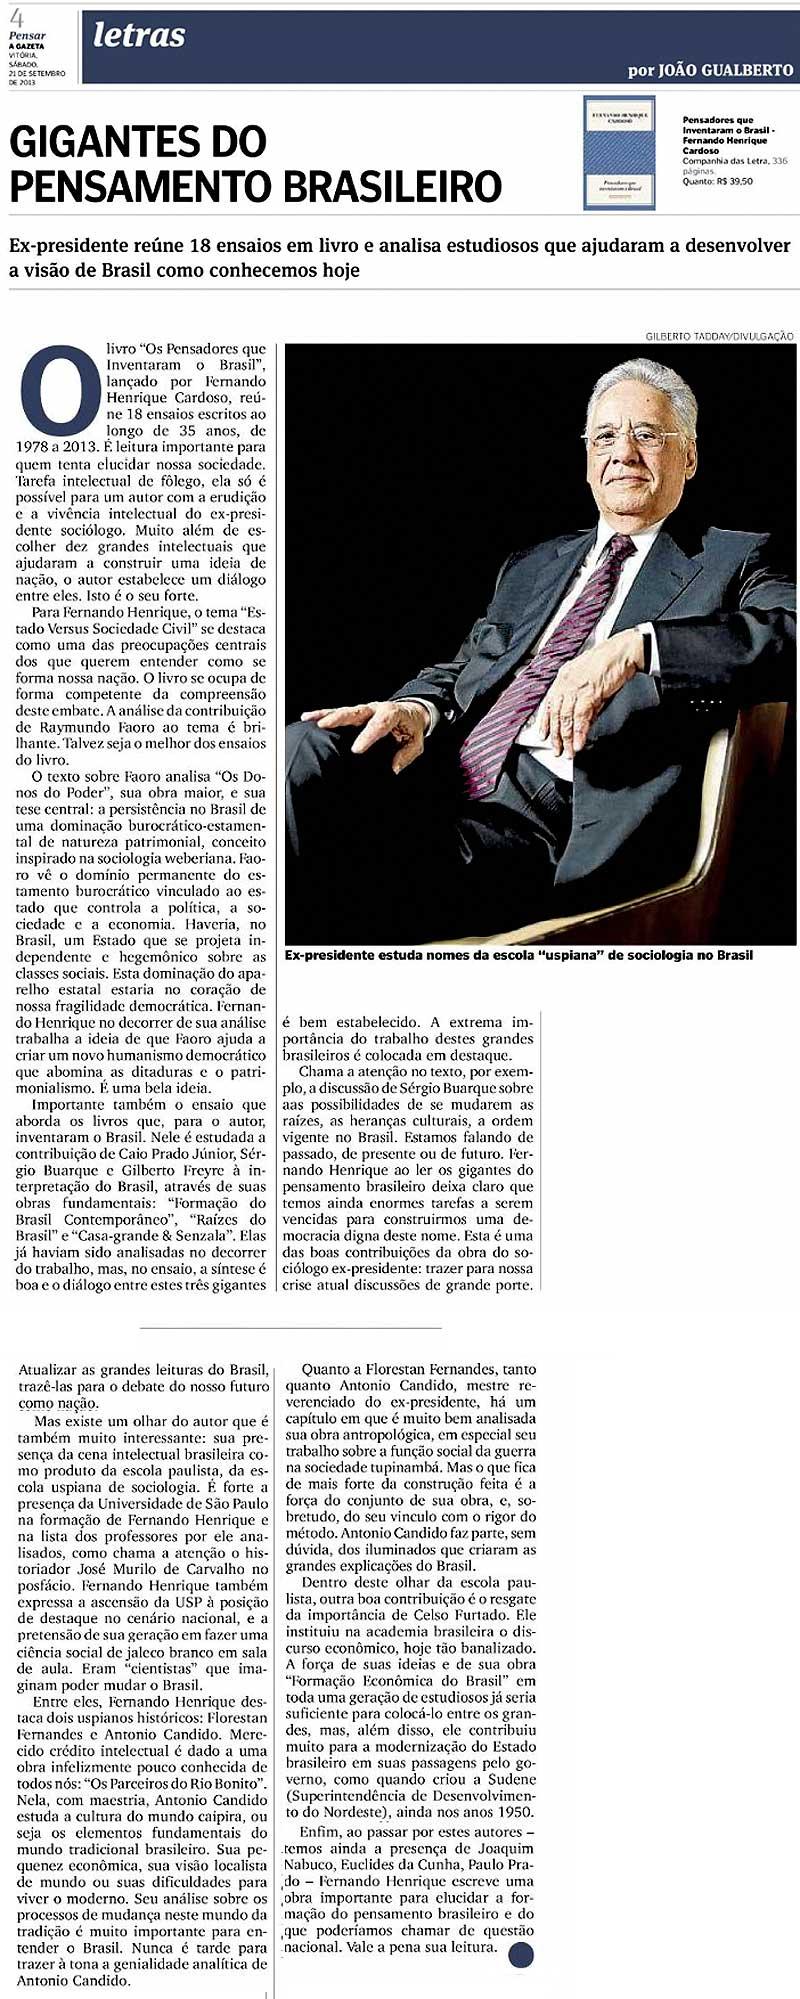 Gigantes do Pensamento Brasileiro: Fernando Henrique Cardoso - por João Gualberto